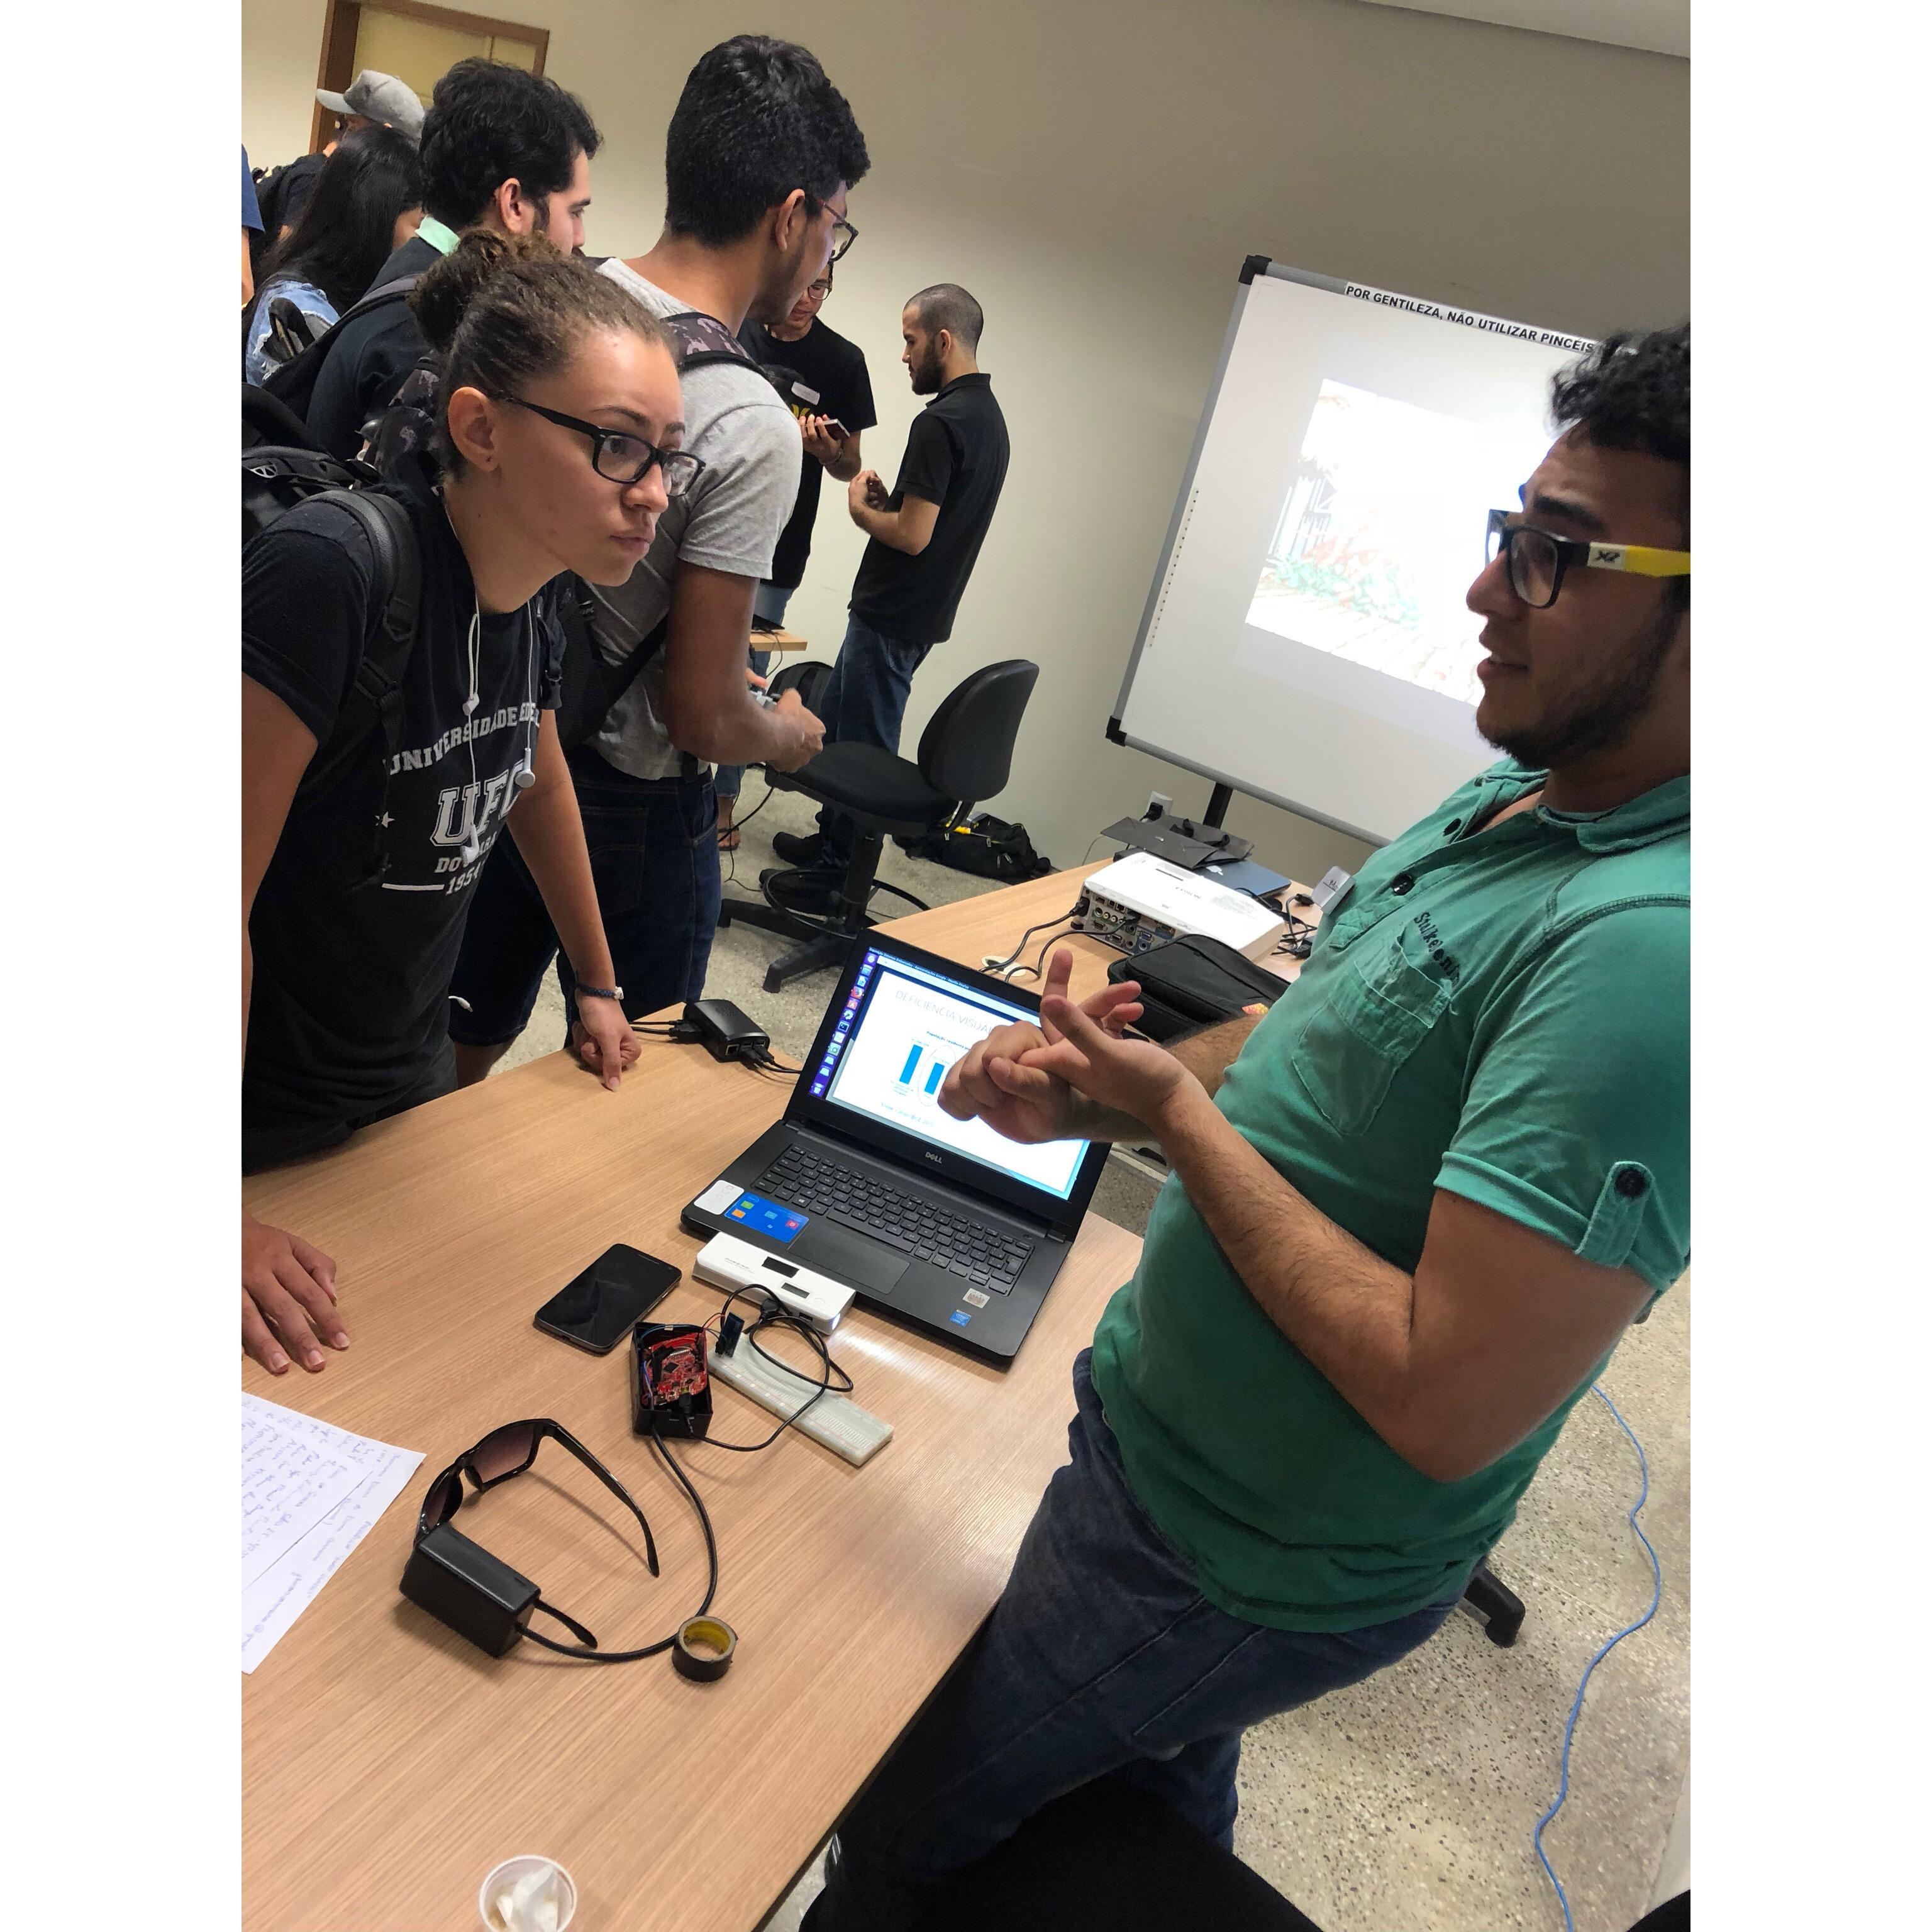 Exposição de Projetos de Sistemas Embarcados do curso de Engenharia de Software - Smart Glasses